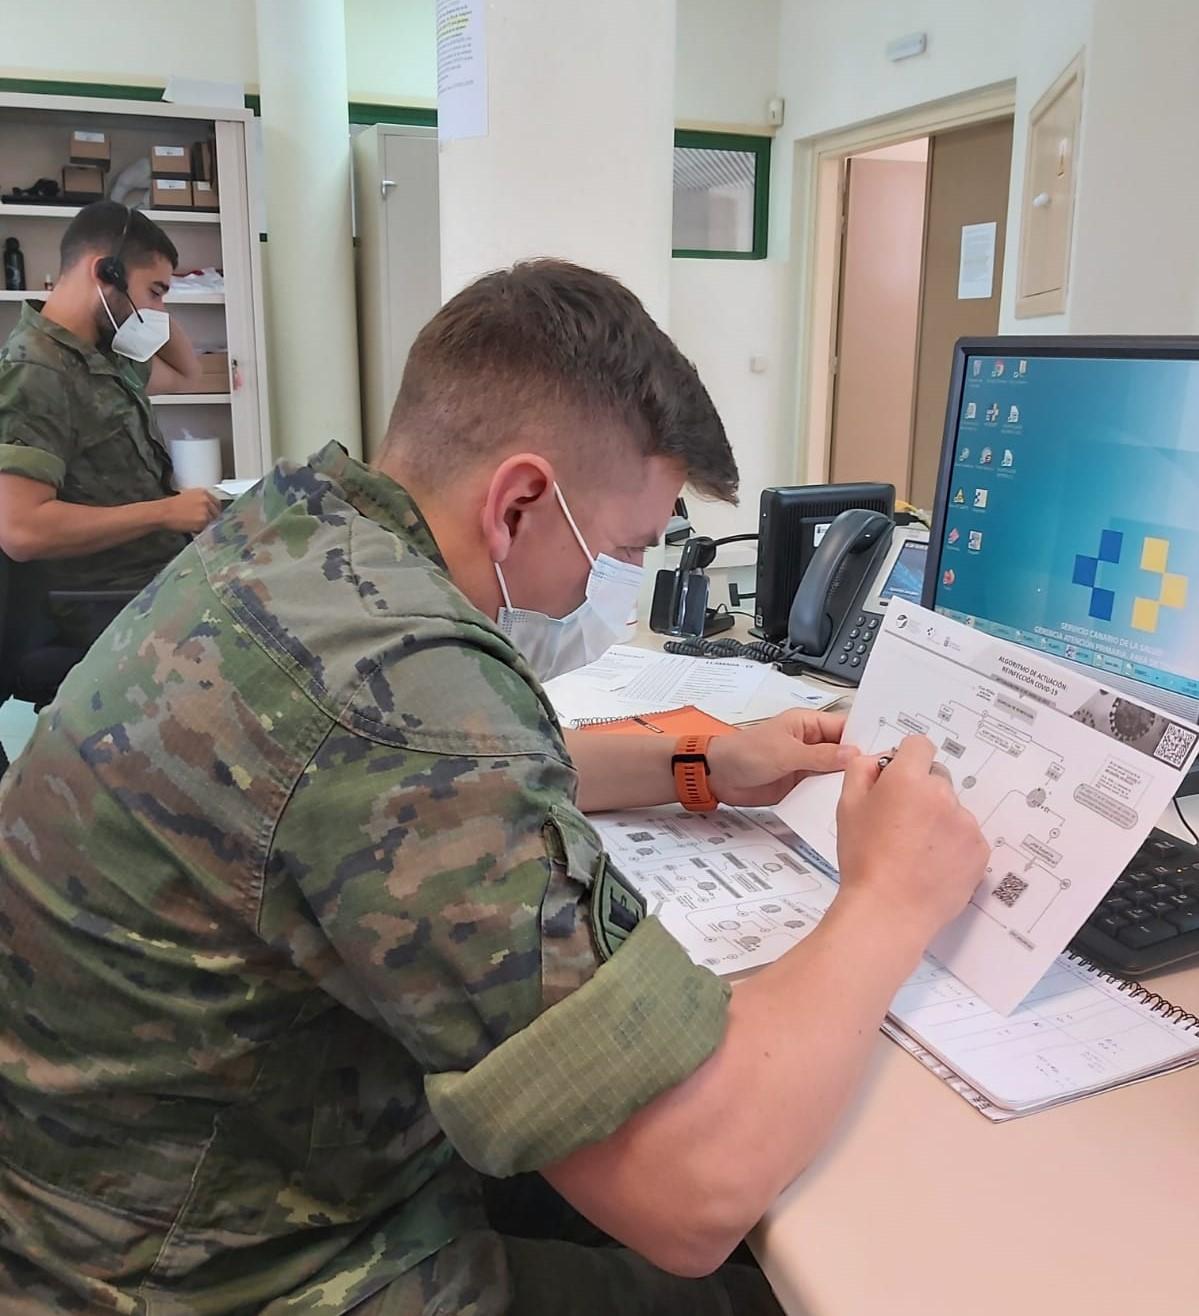 Los rastreadores militares de Canarias alcanzan el cuarto mes apoyando a combatir la pandemia en las islas